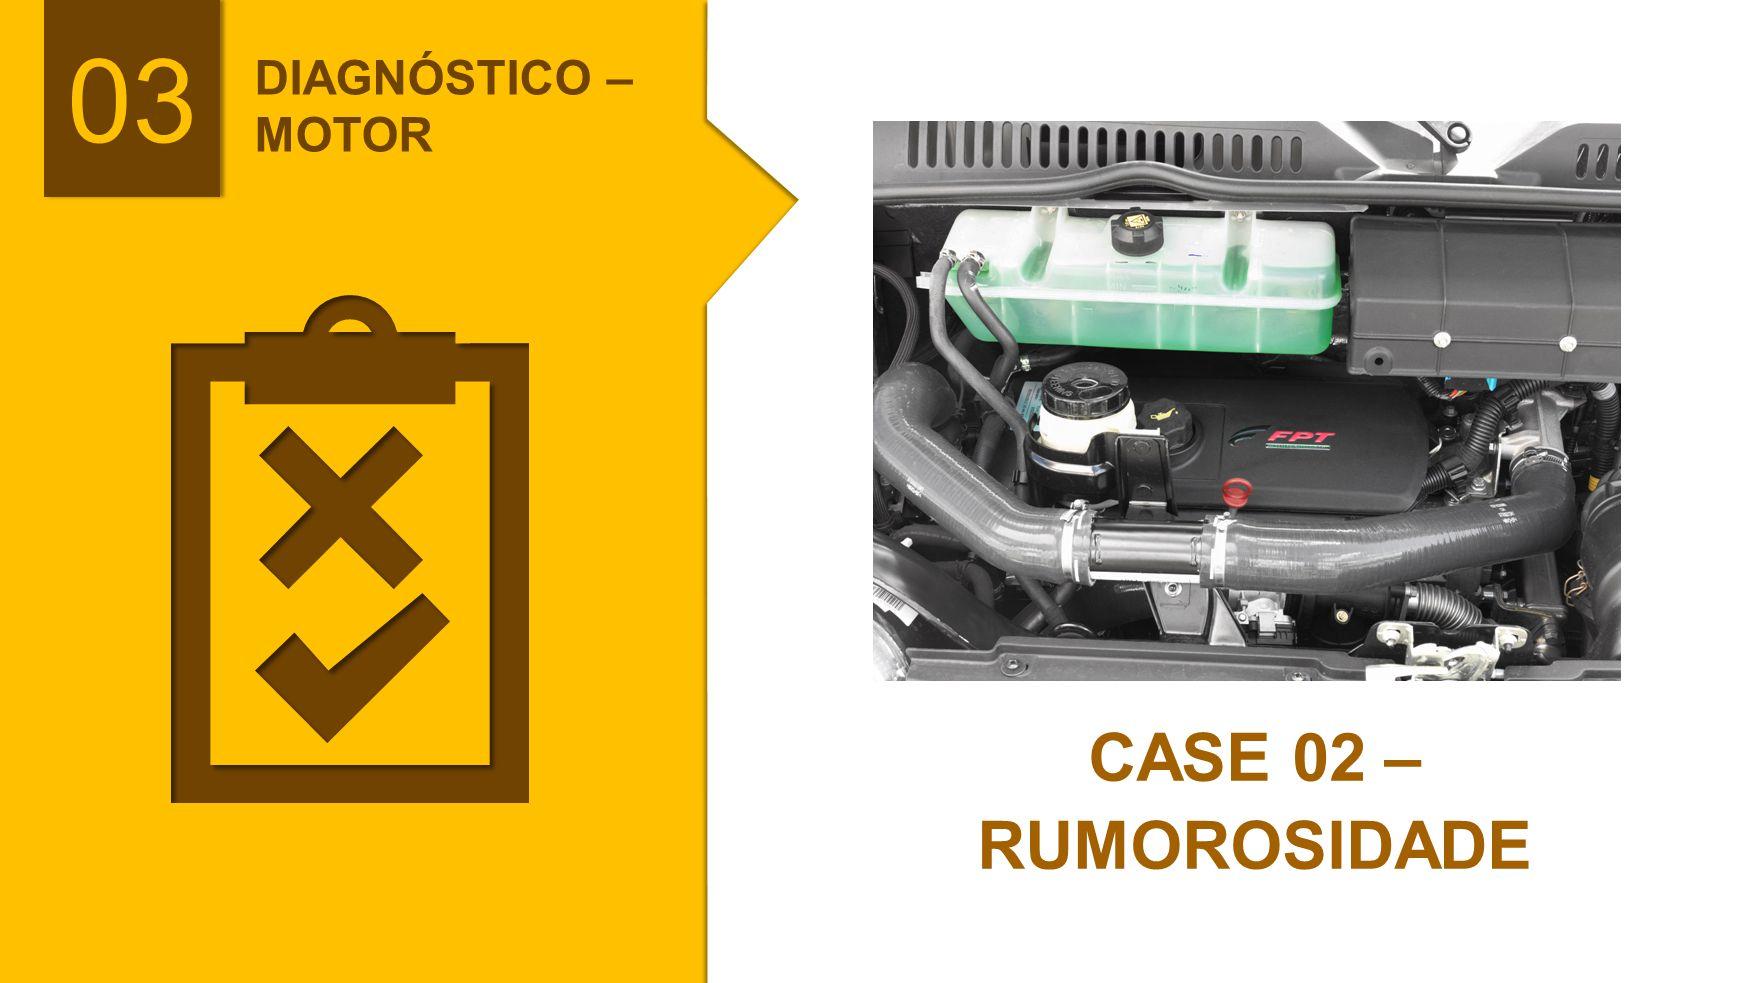 03 CASE 02 – RUMOROSIDADE DIAGNÓSTICO – MOTOR PASSO A PASSO: